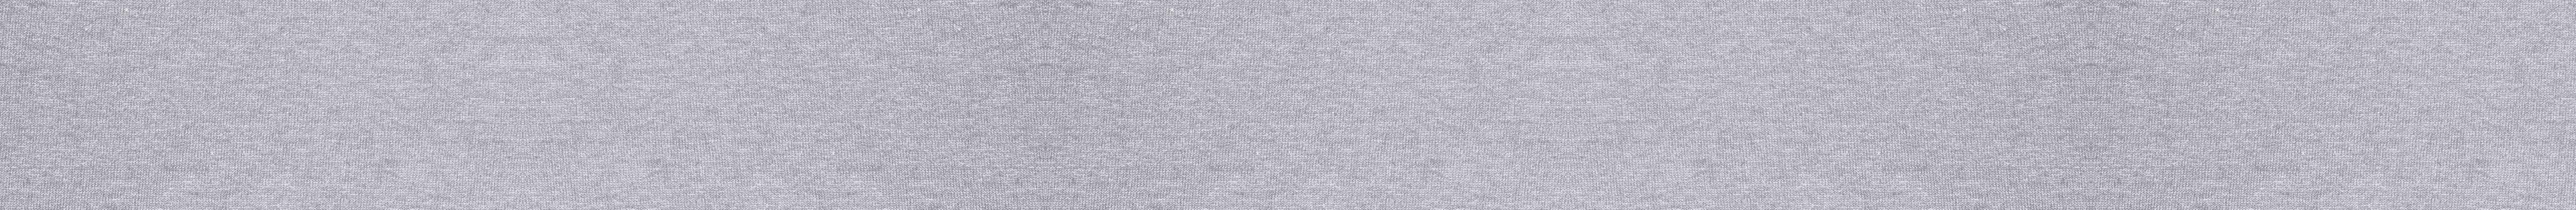 banner-algodon-con-spandex